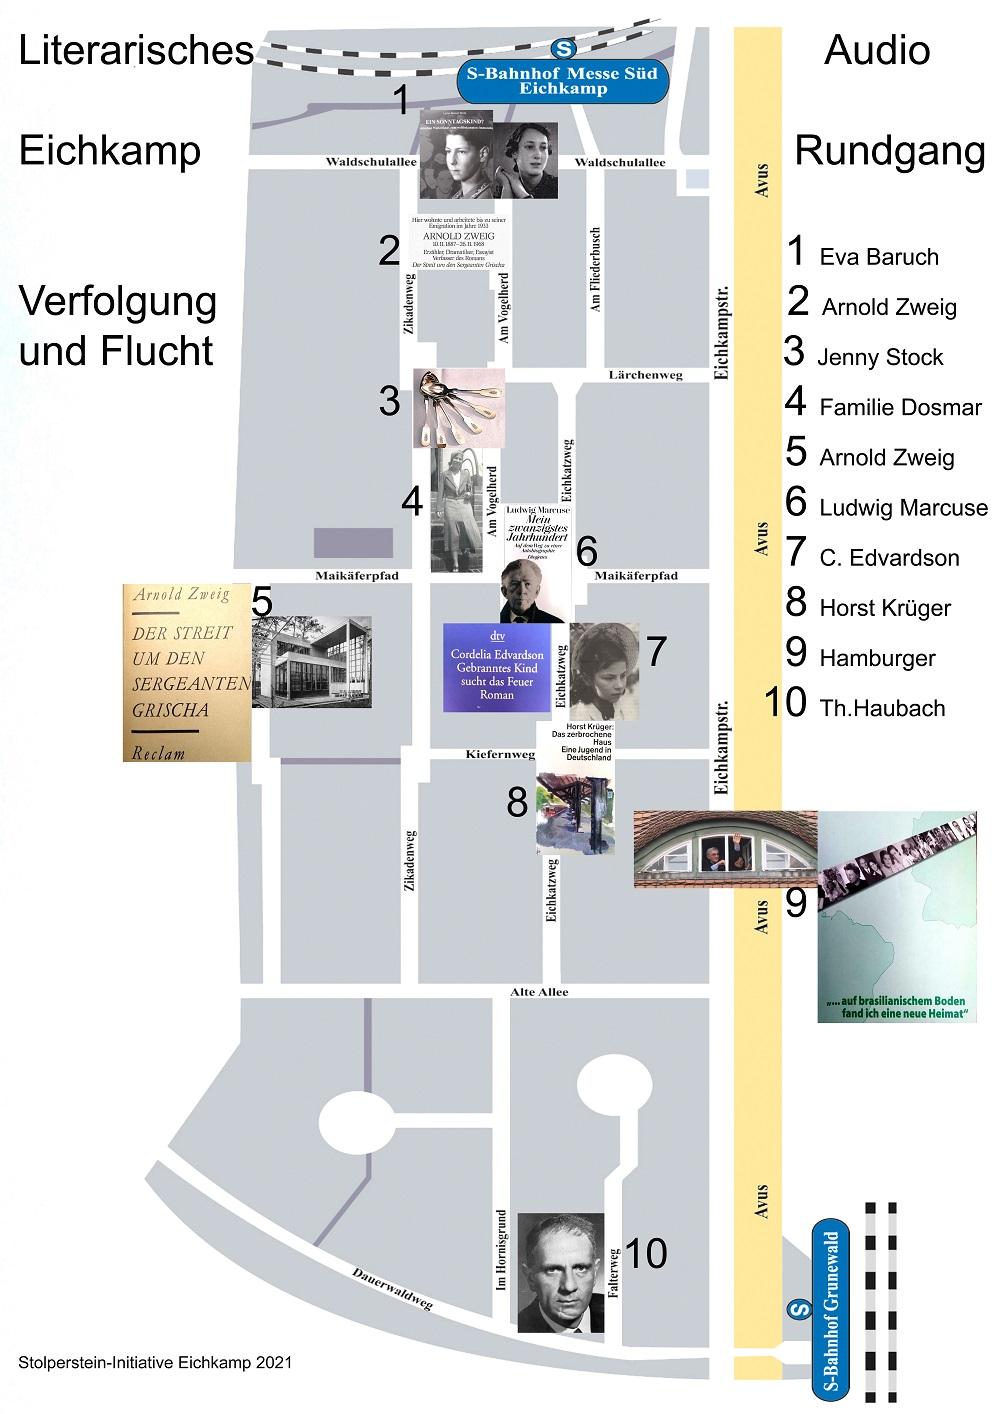 Stolpersteine in Eichkamp: Audiotour zum Fest 101 Jahre Eichkamp